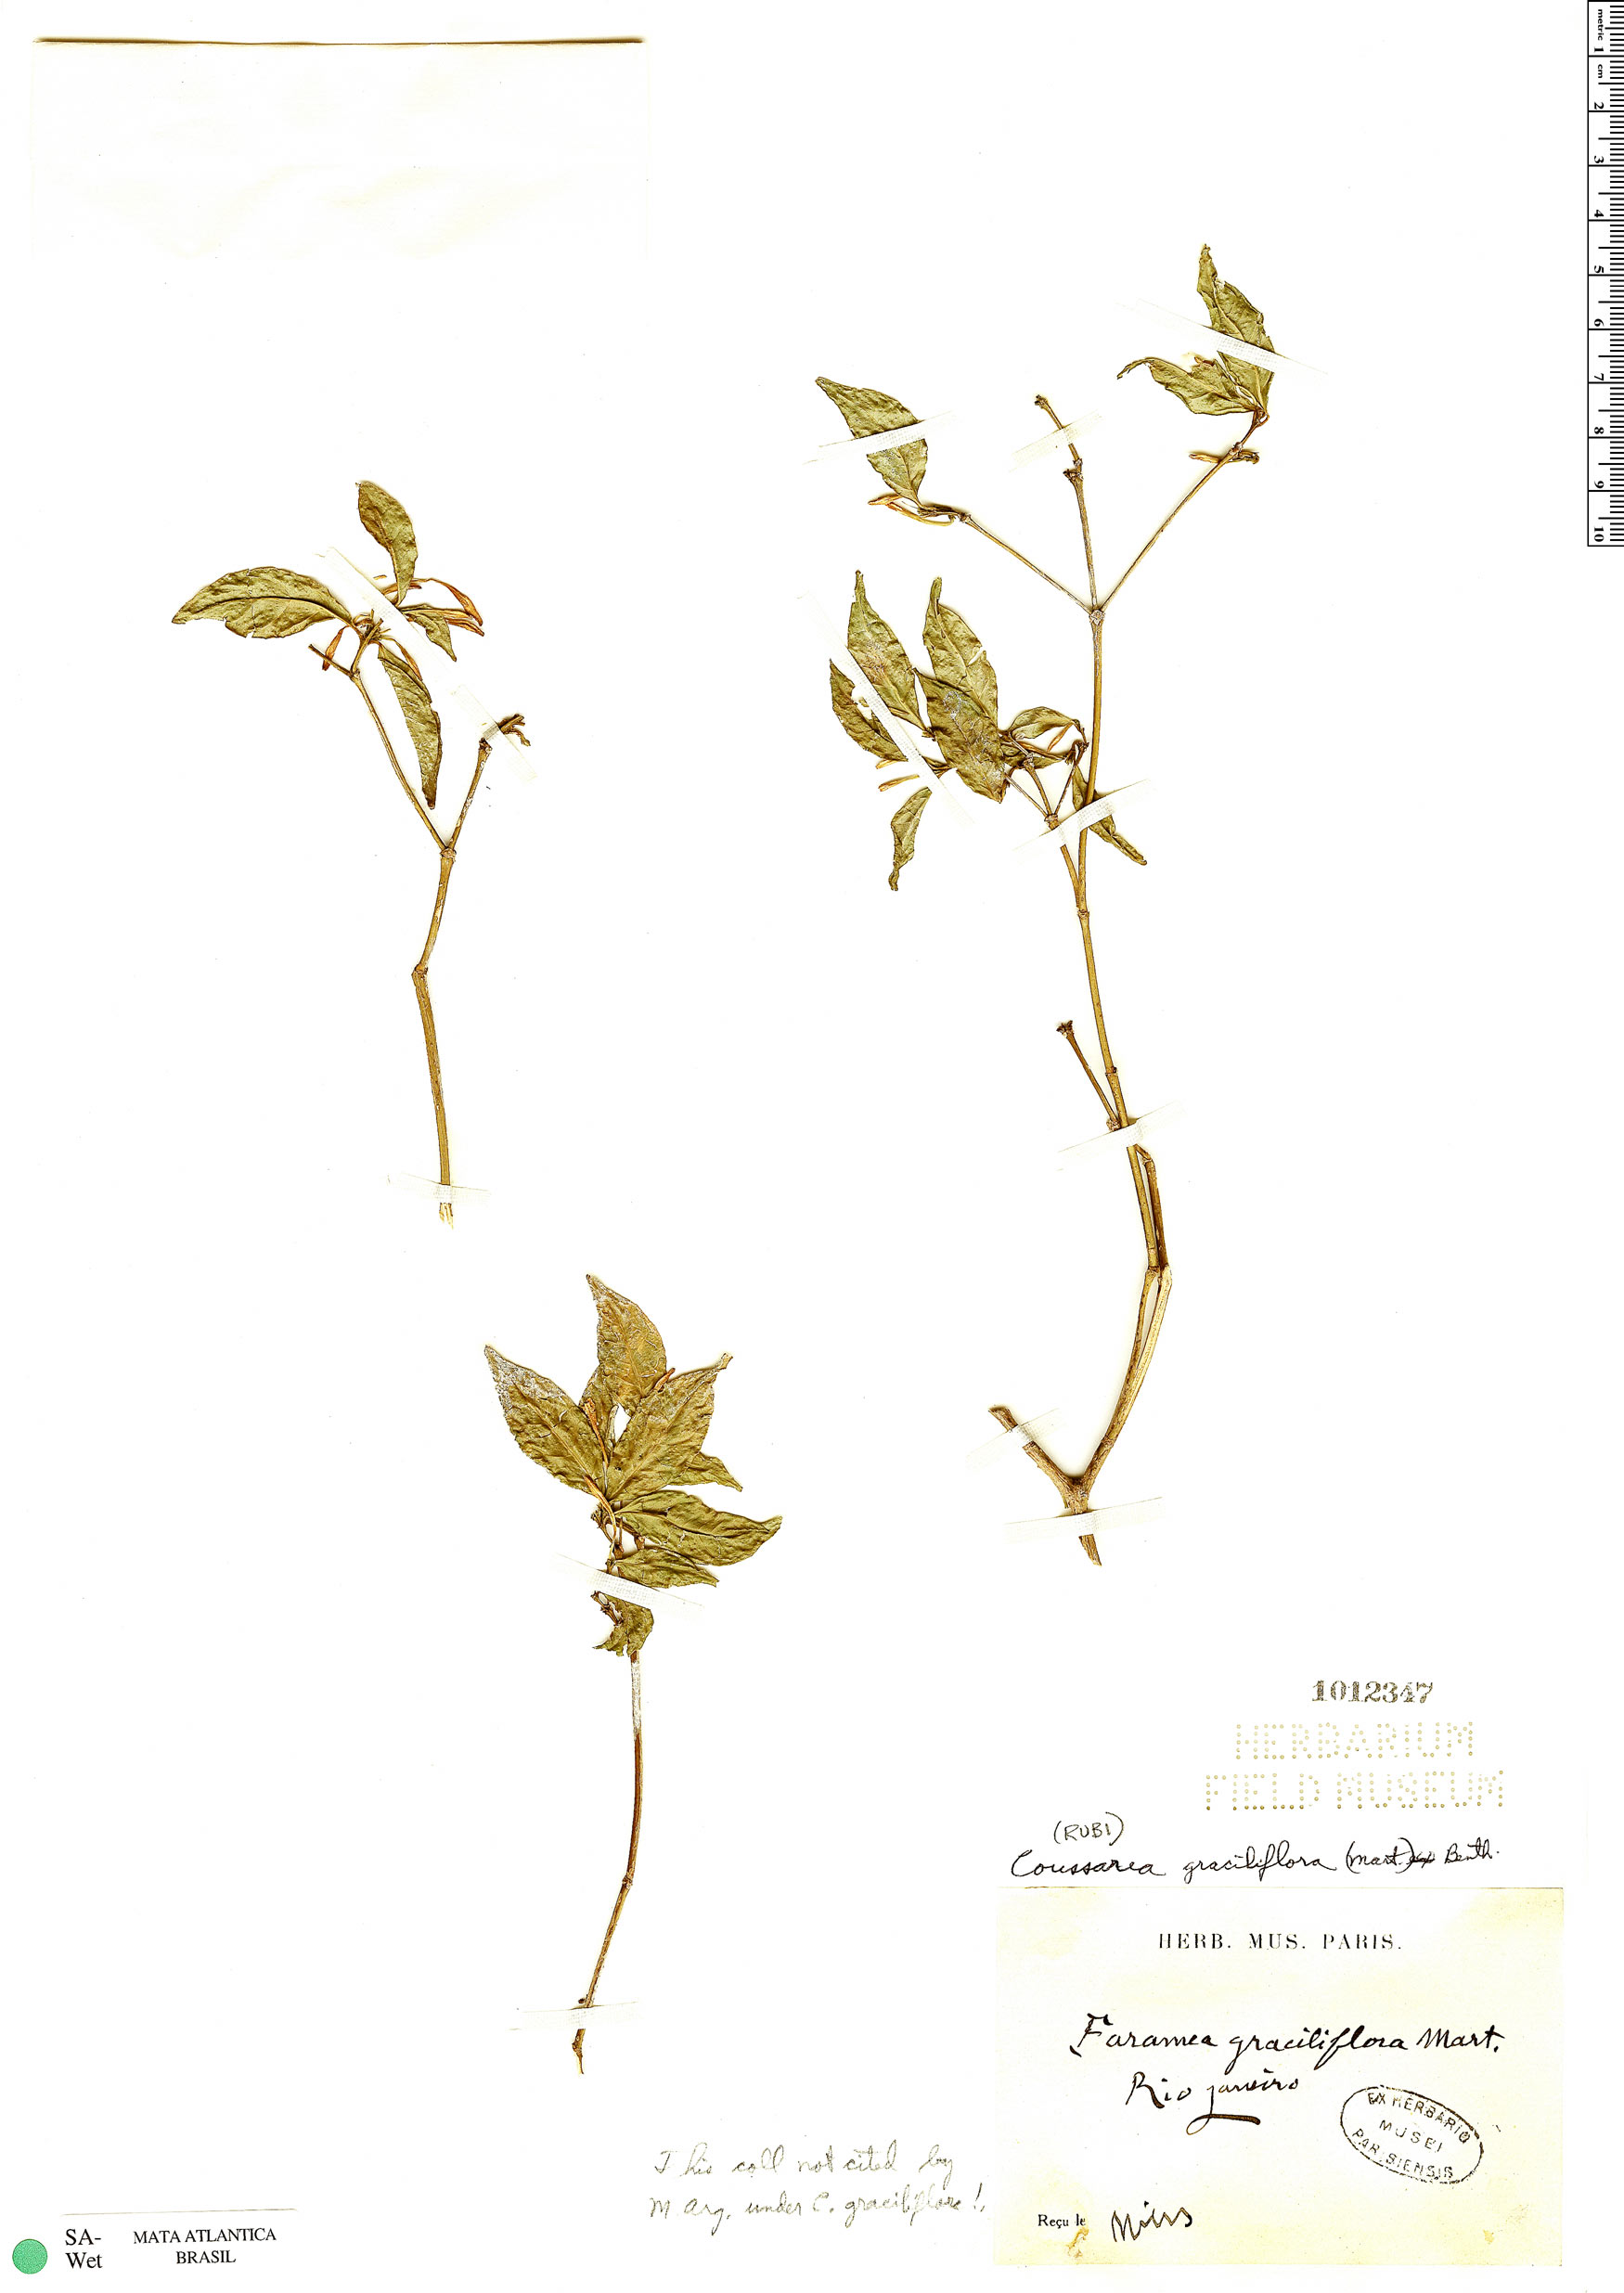 Espécime: Coussarea graciliflora